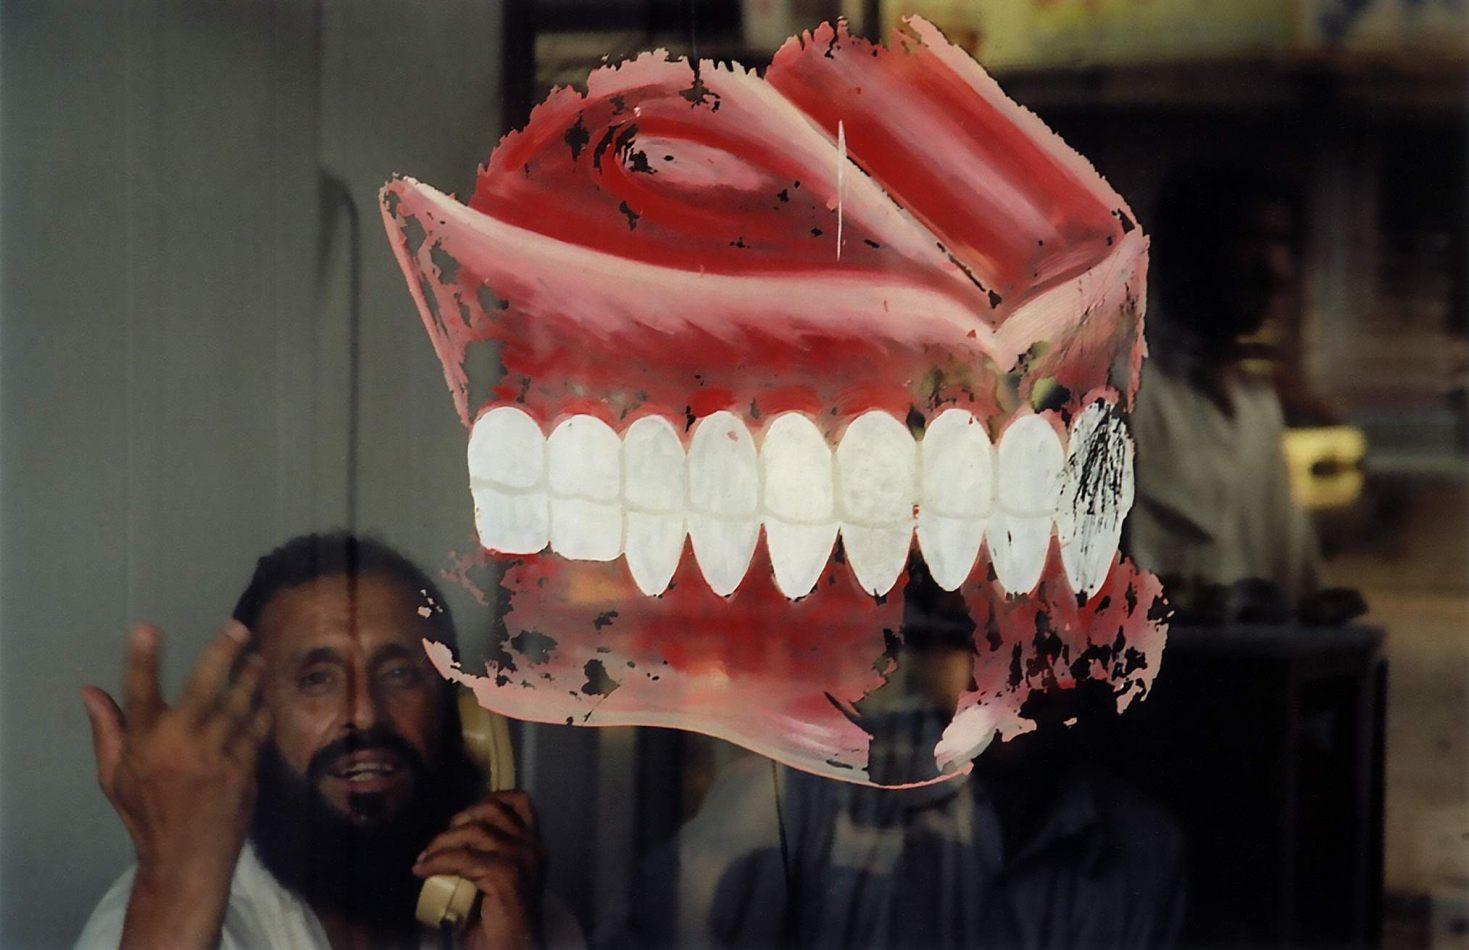 Anthony Ellis Photography: Zindabad - Teeth